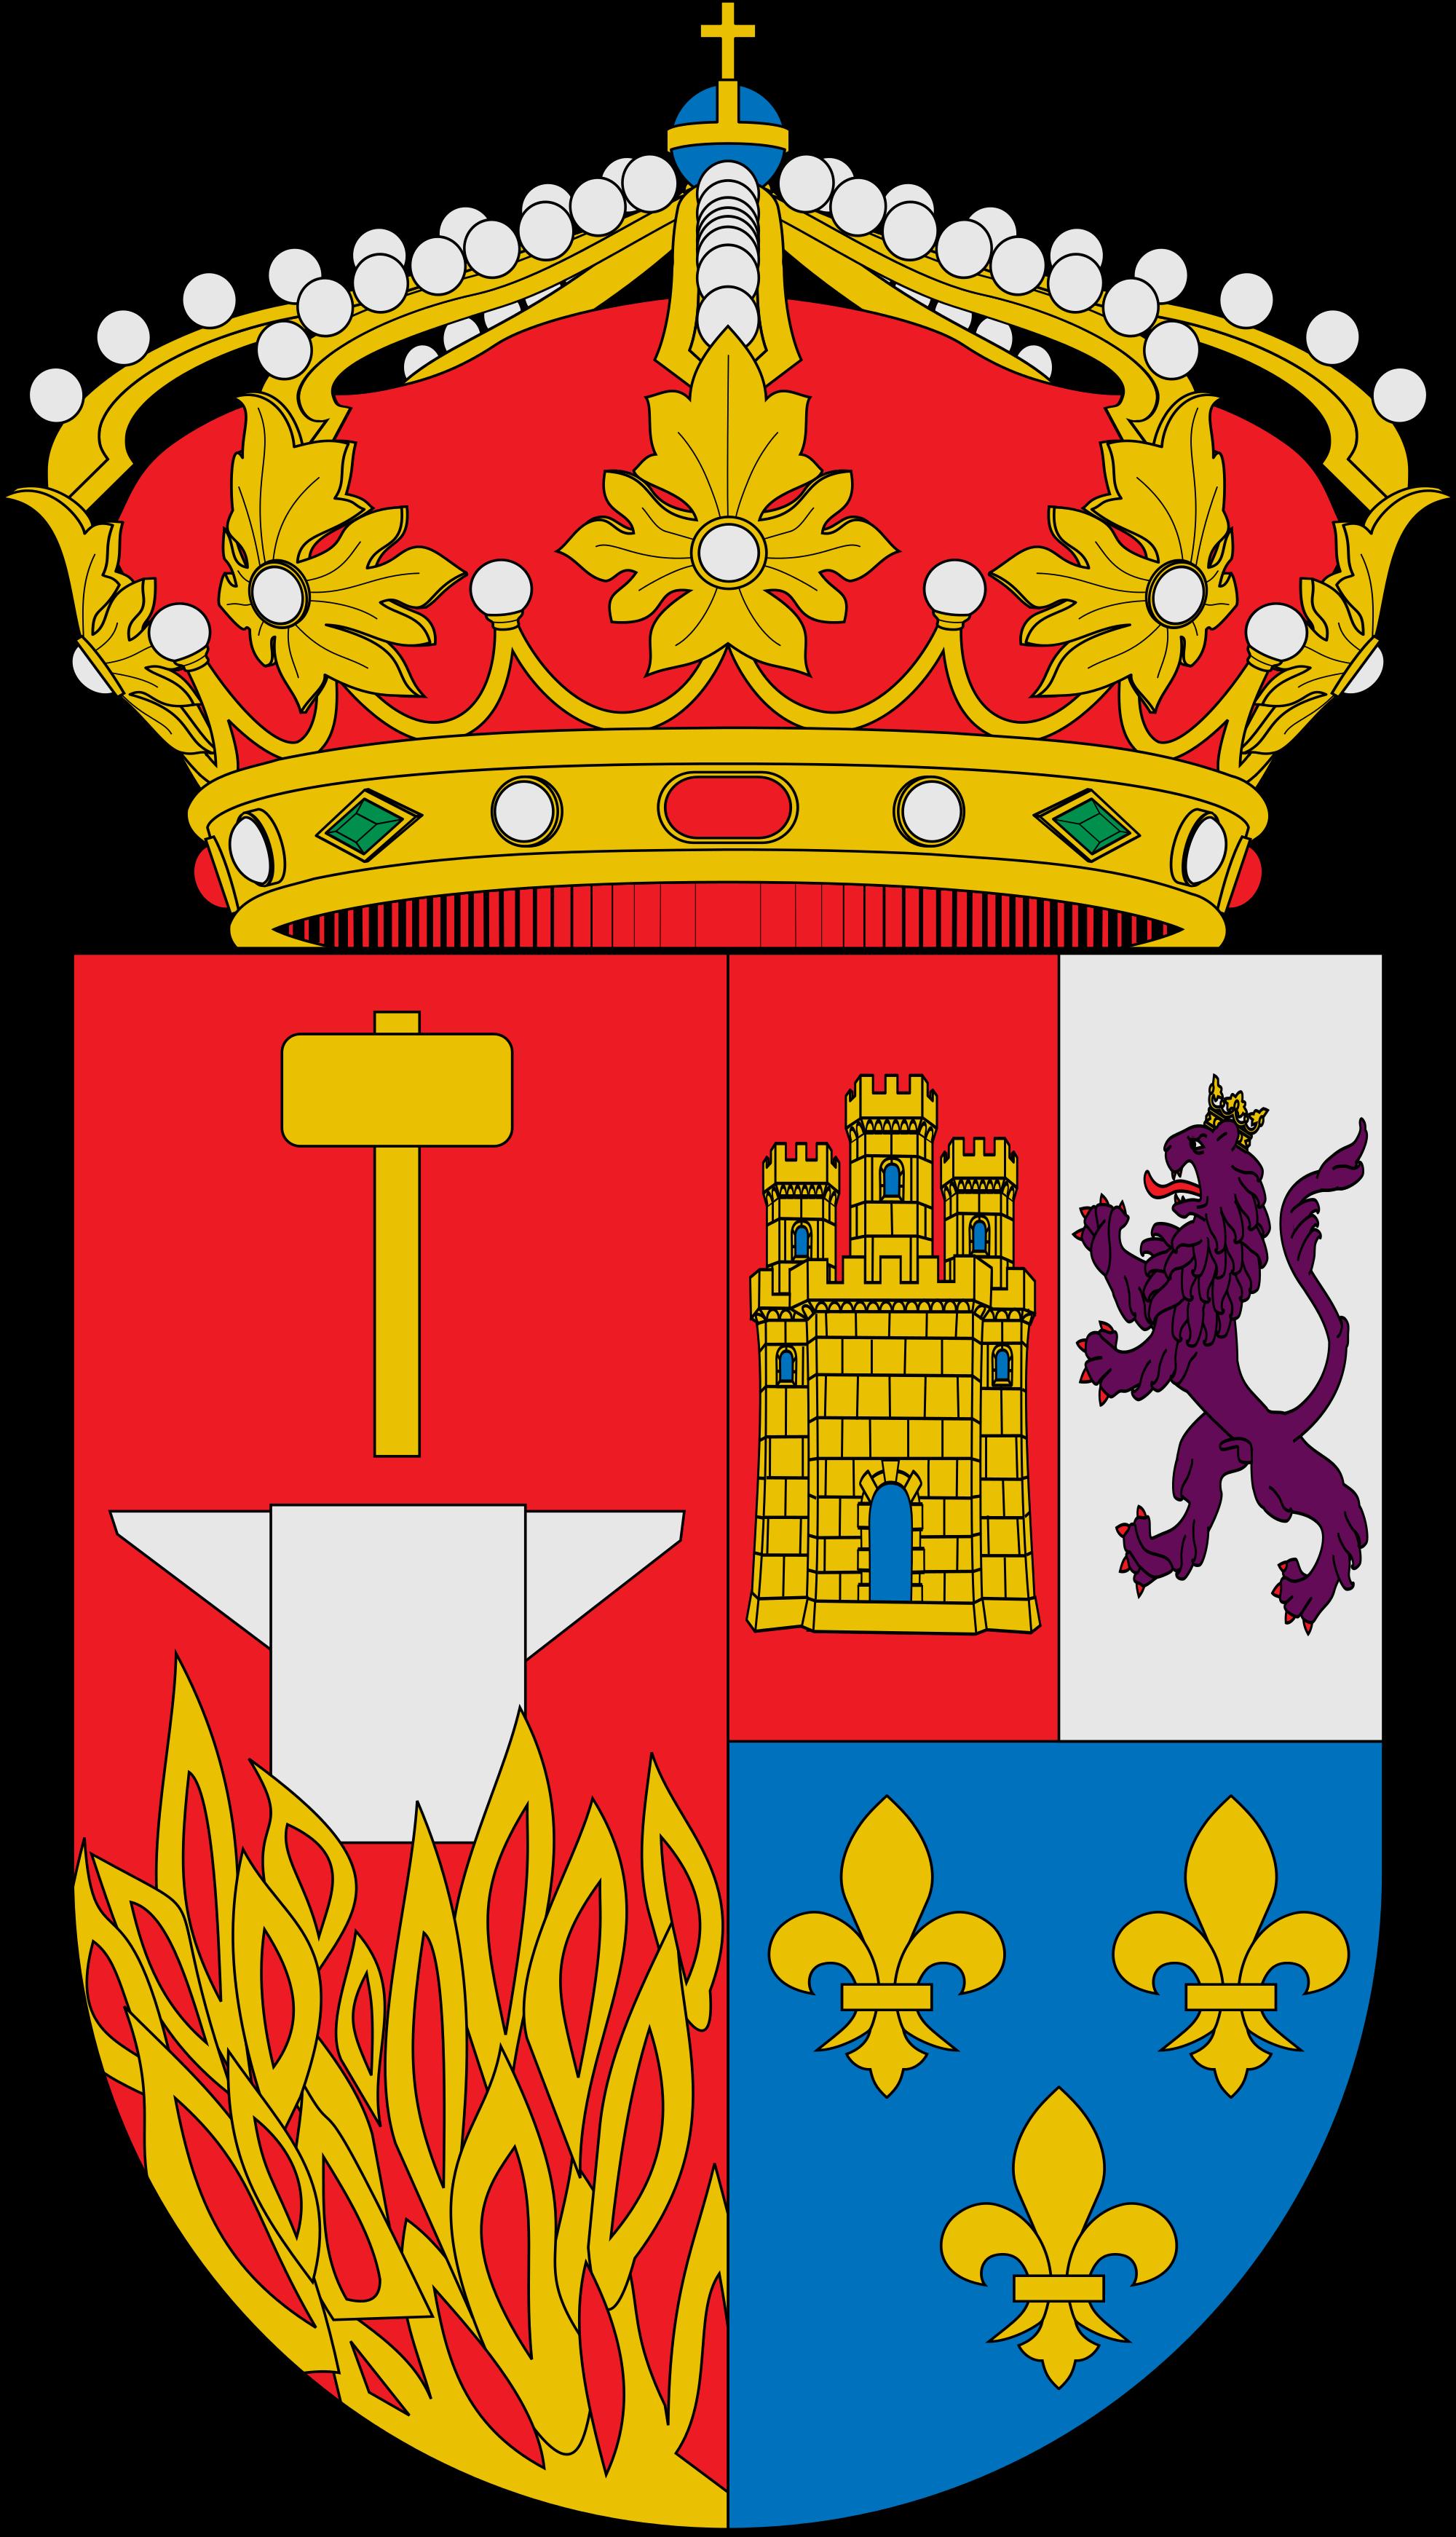 File:Escudo de Herreros de Suso (Ávila).svg.